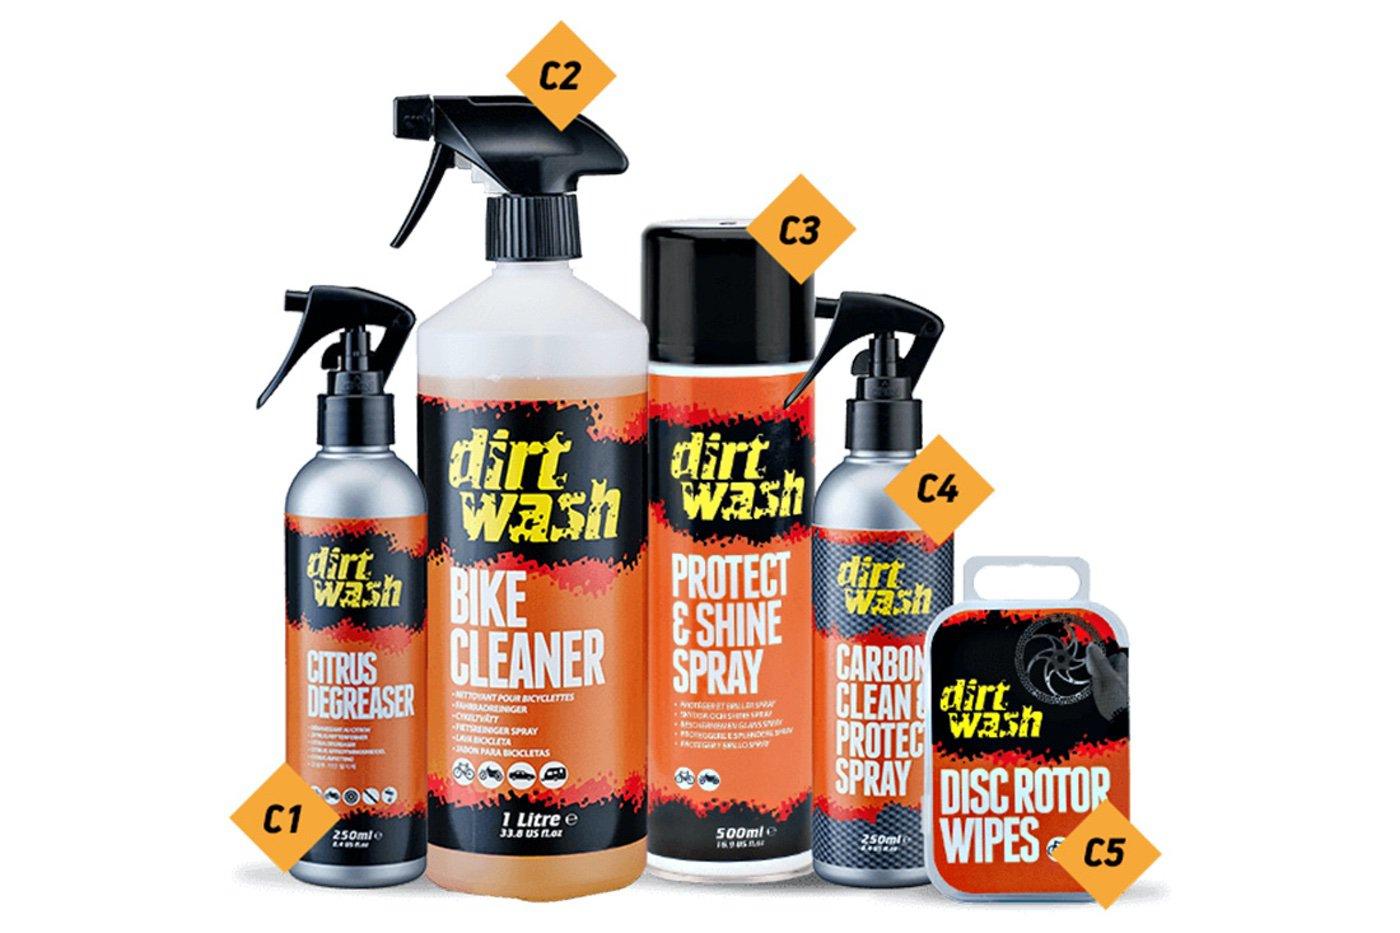 Productos Weldtite para cuidado de la bici